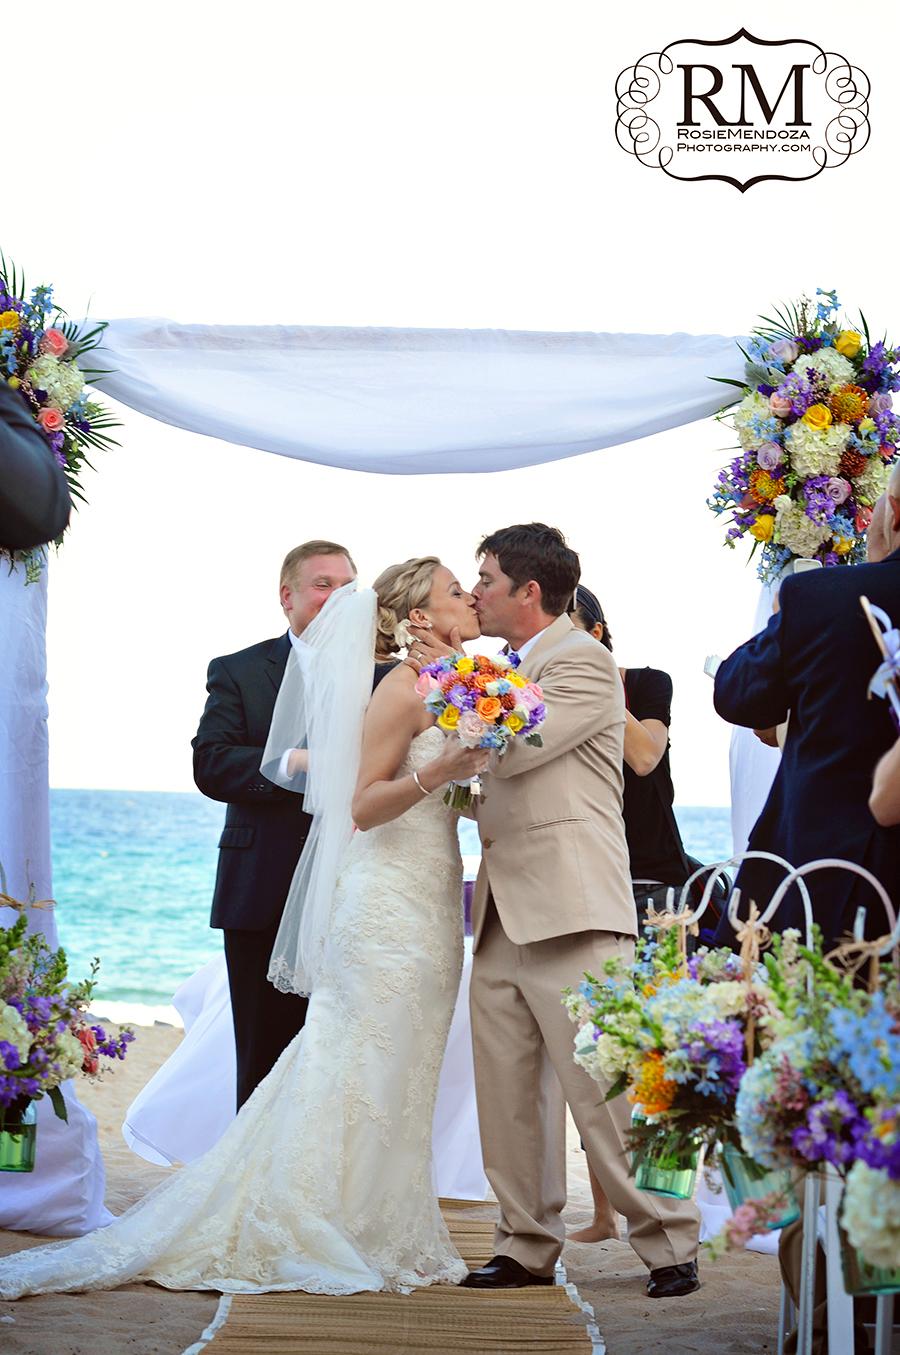 Wyndham-Deerfield-Beach-destination-wedding-kiss-photo